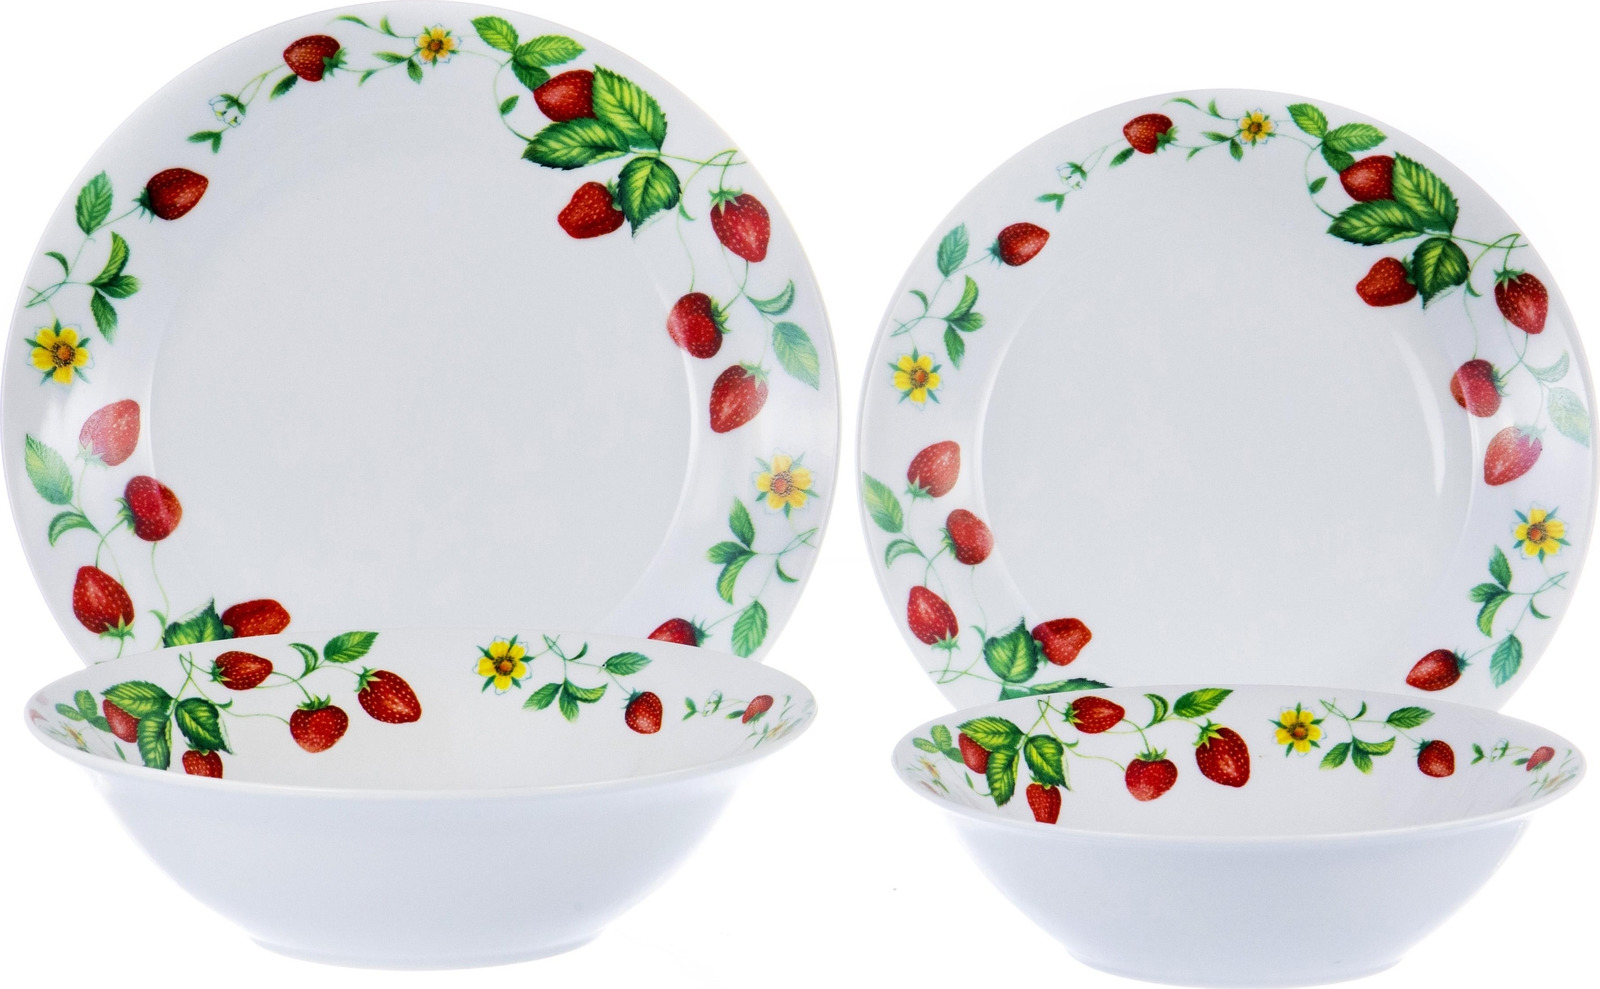 Набор столовой посуды Olaff Феникс, 103-02021, разноцветный, 19 предметов набор столовой посуды olaff красные цветы 19 предметов